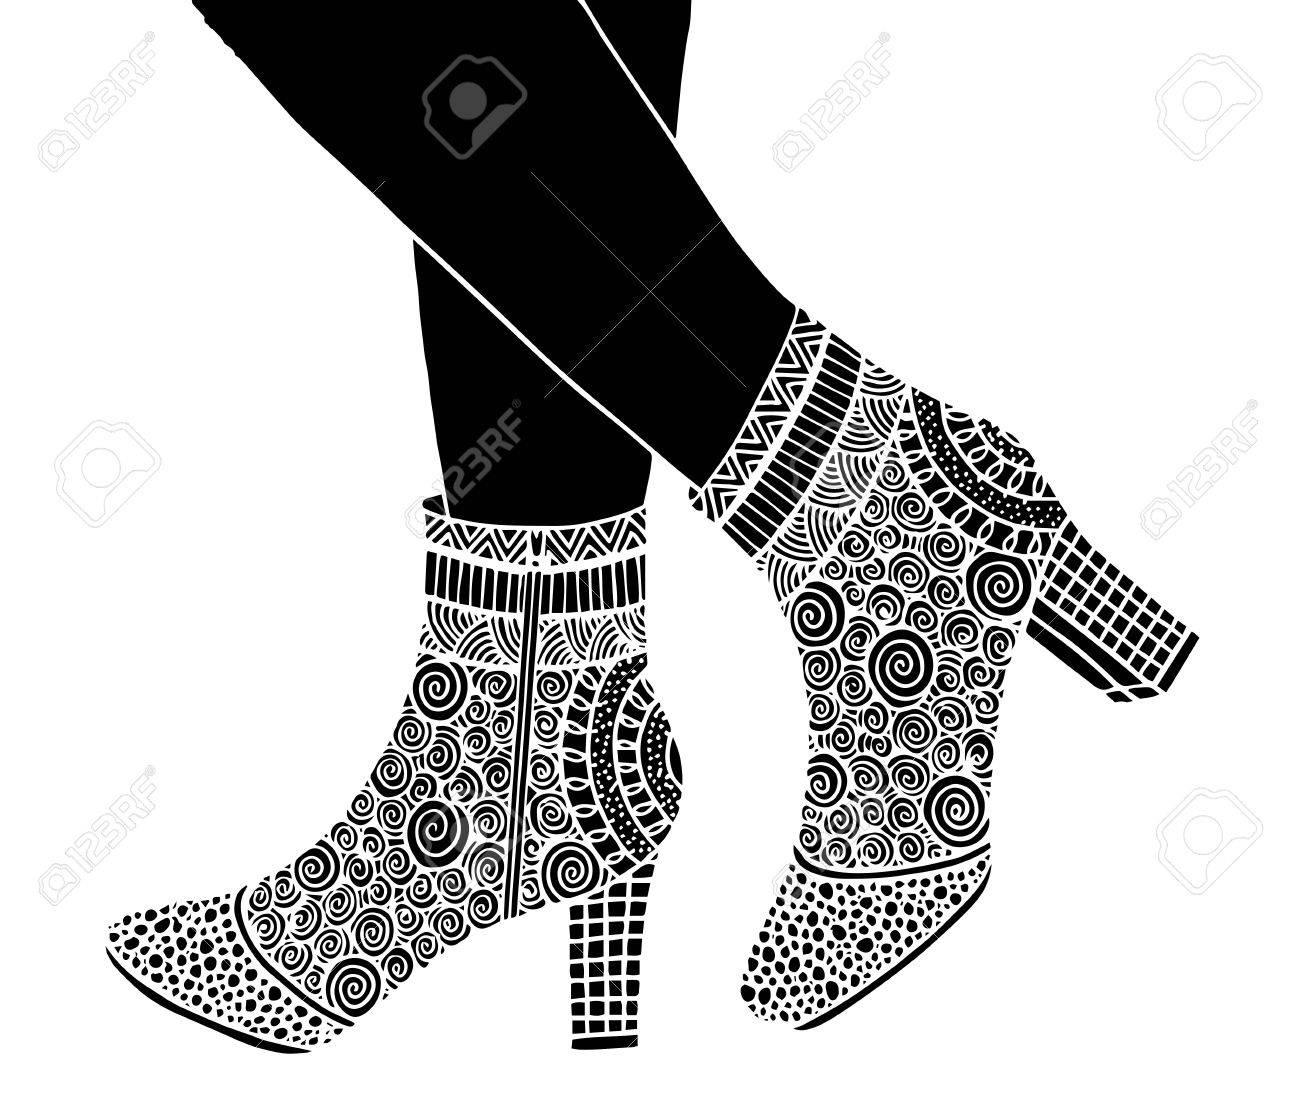 かわいい手は、概要観賞用の高いヒール靴イラストを描かれました